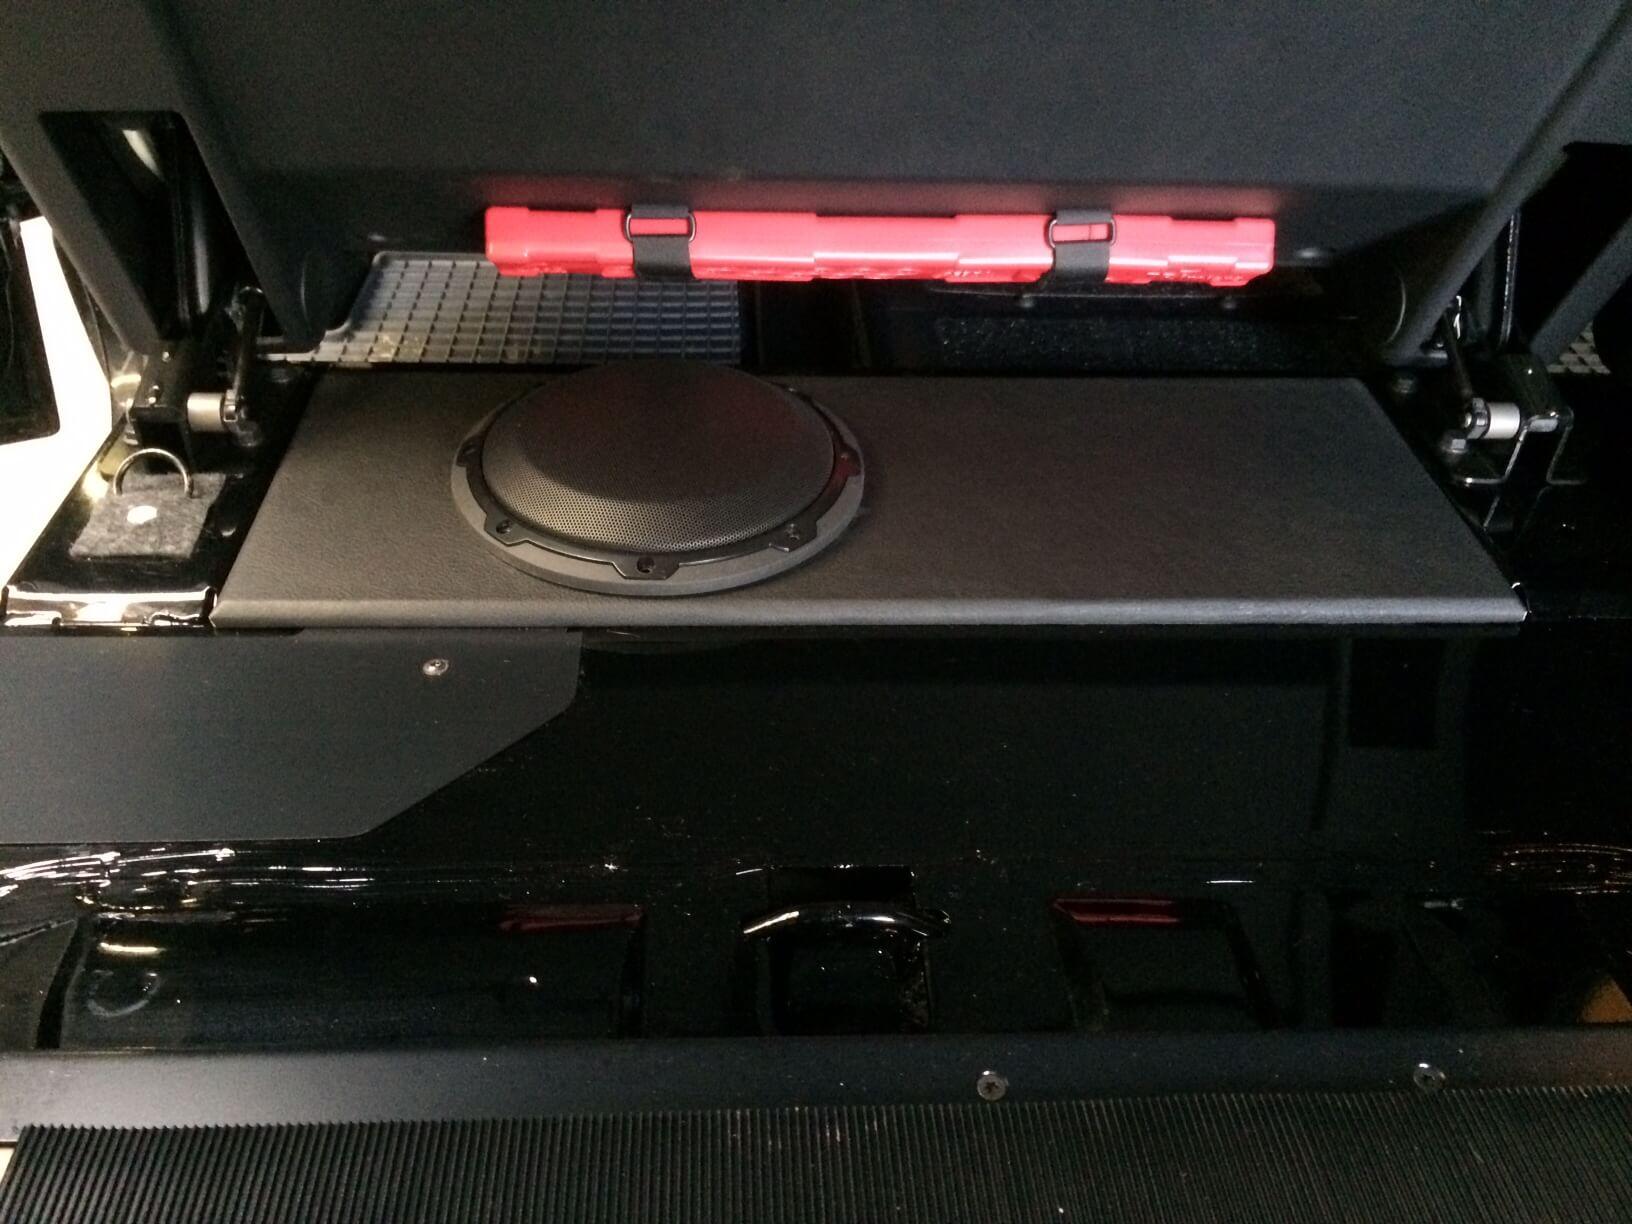 Mercedes G Professional (G-Klasse) Modelljahr 2016 und 2017 Alpine Navigationsystem JL Audio Subwoofer